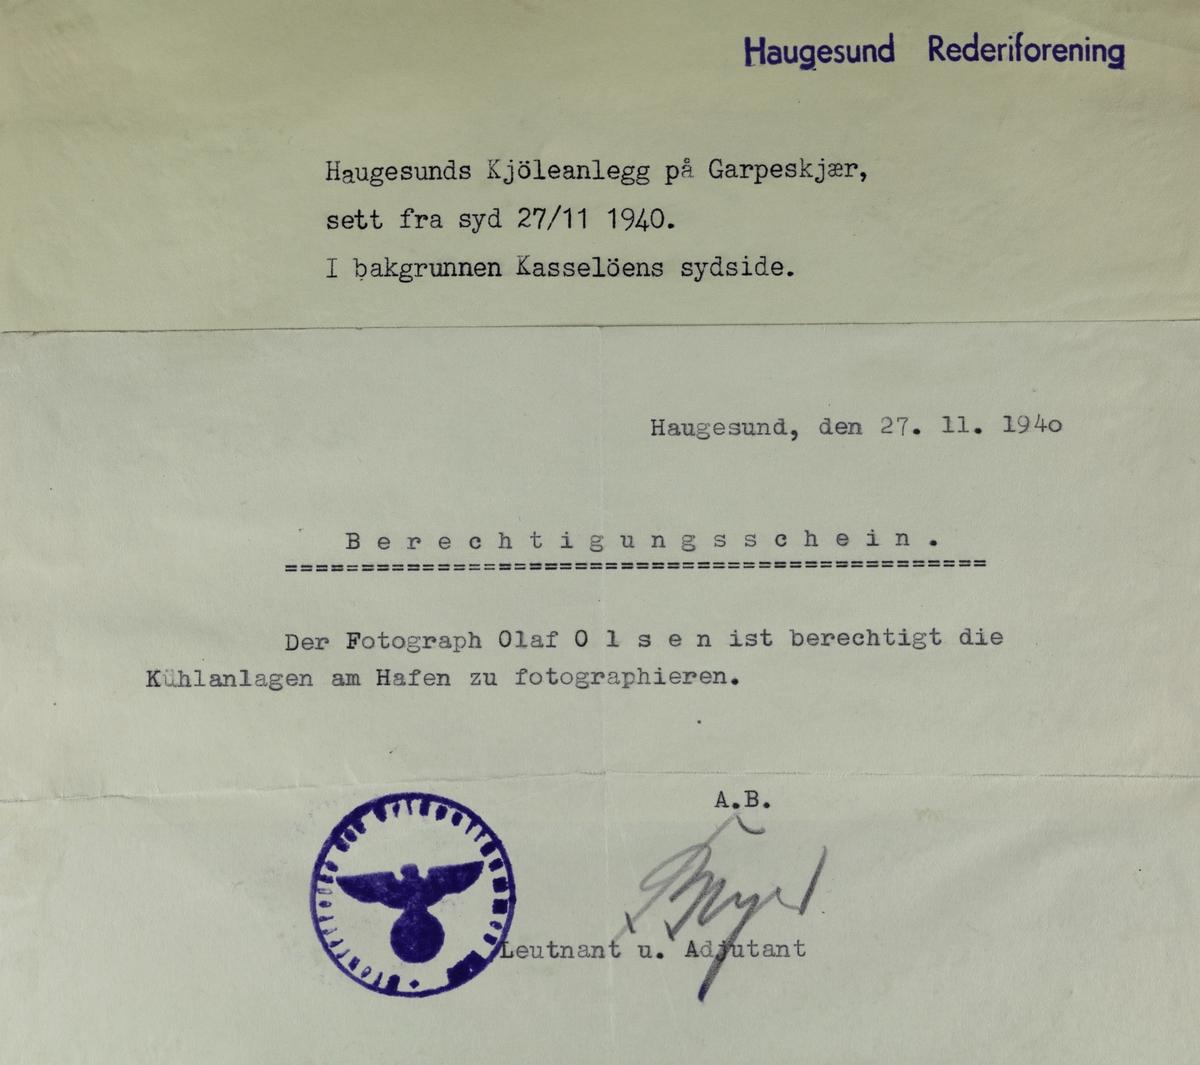 Risøen - Haugesunds Kjøleanlegg på Garpeskjær, sett fra syd 27/11 1940.